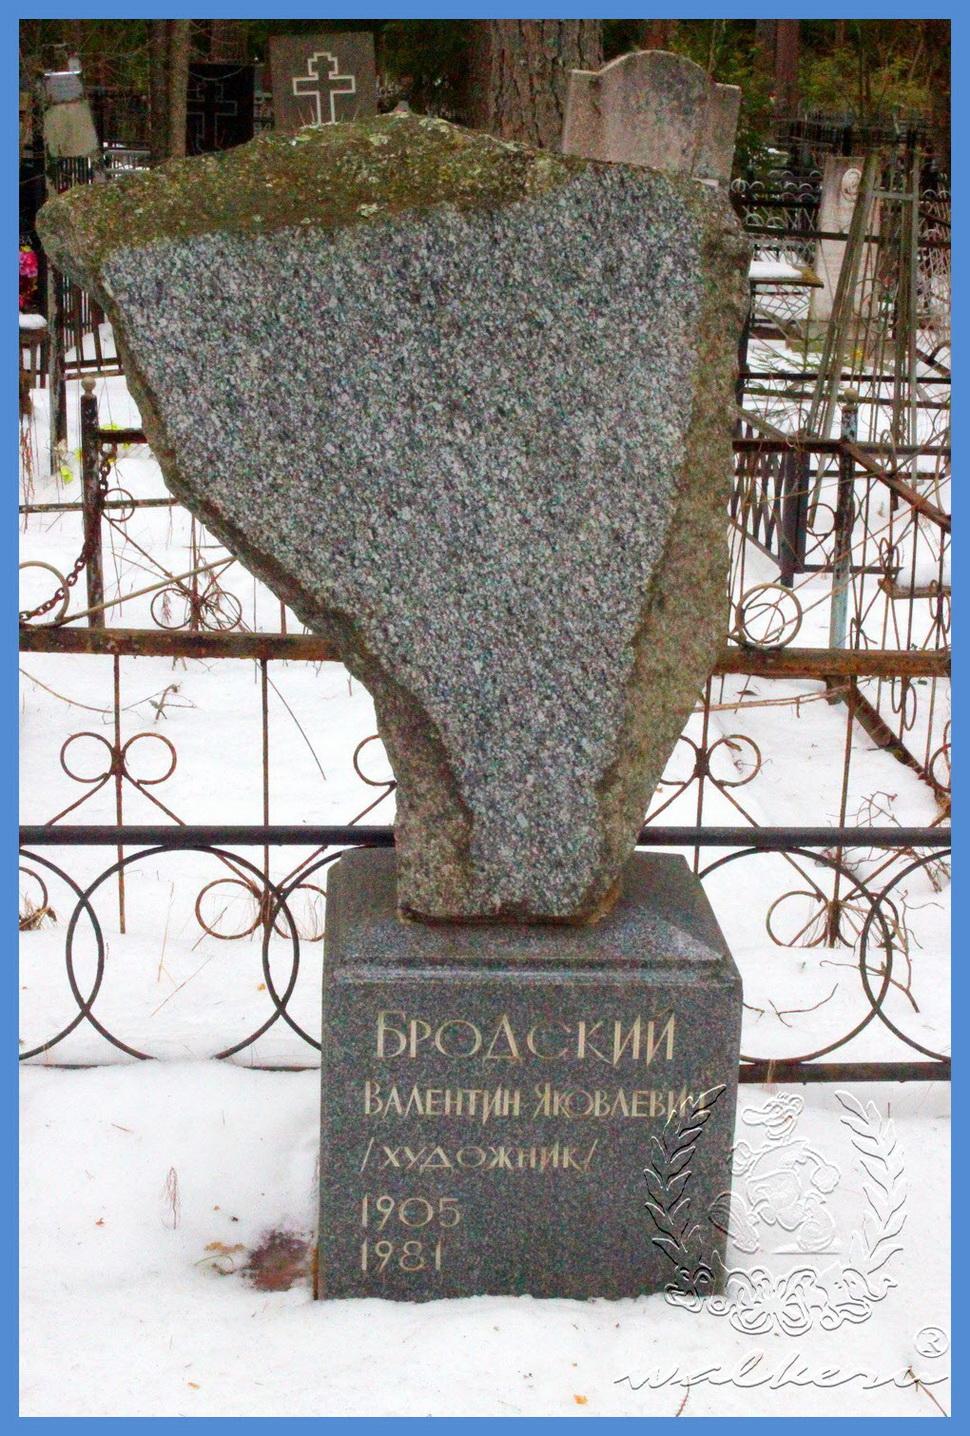 Бродский  Валентин Яковлевич